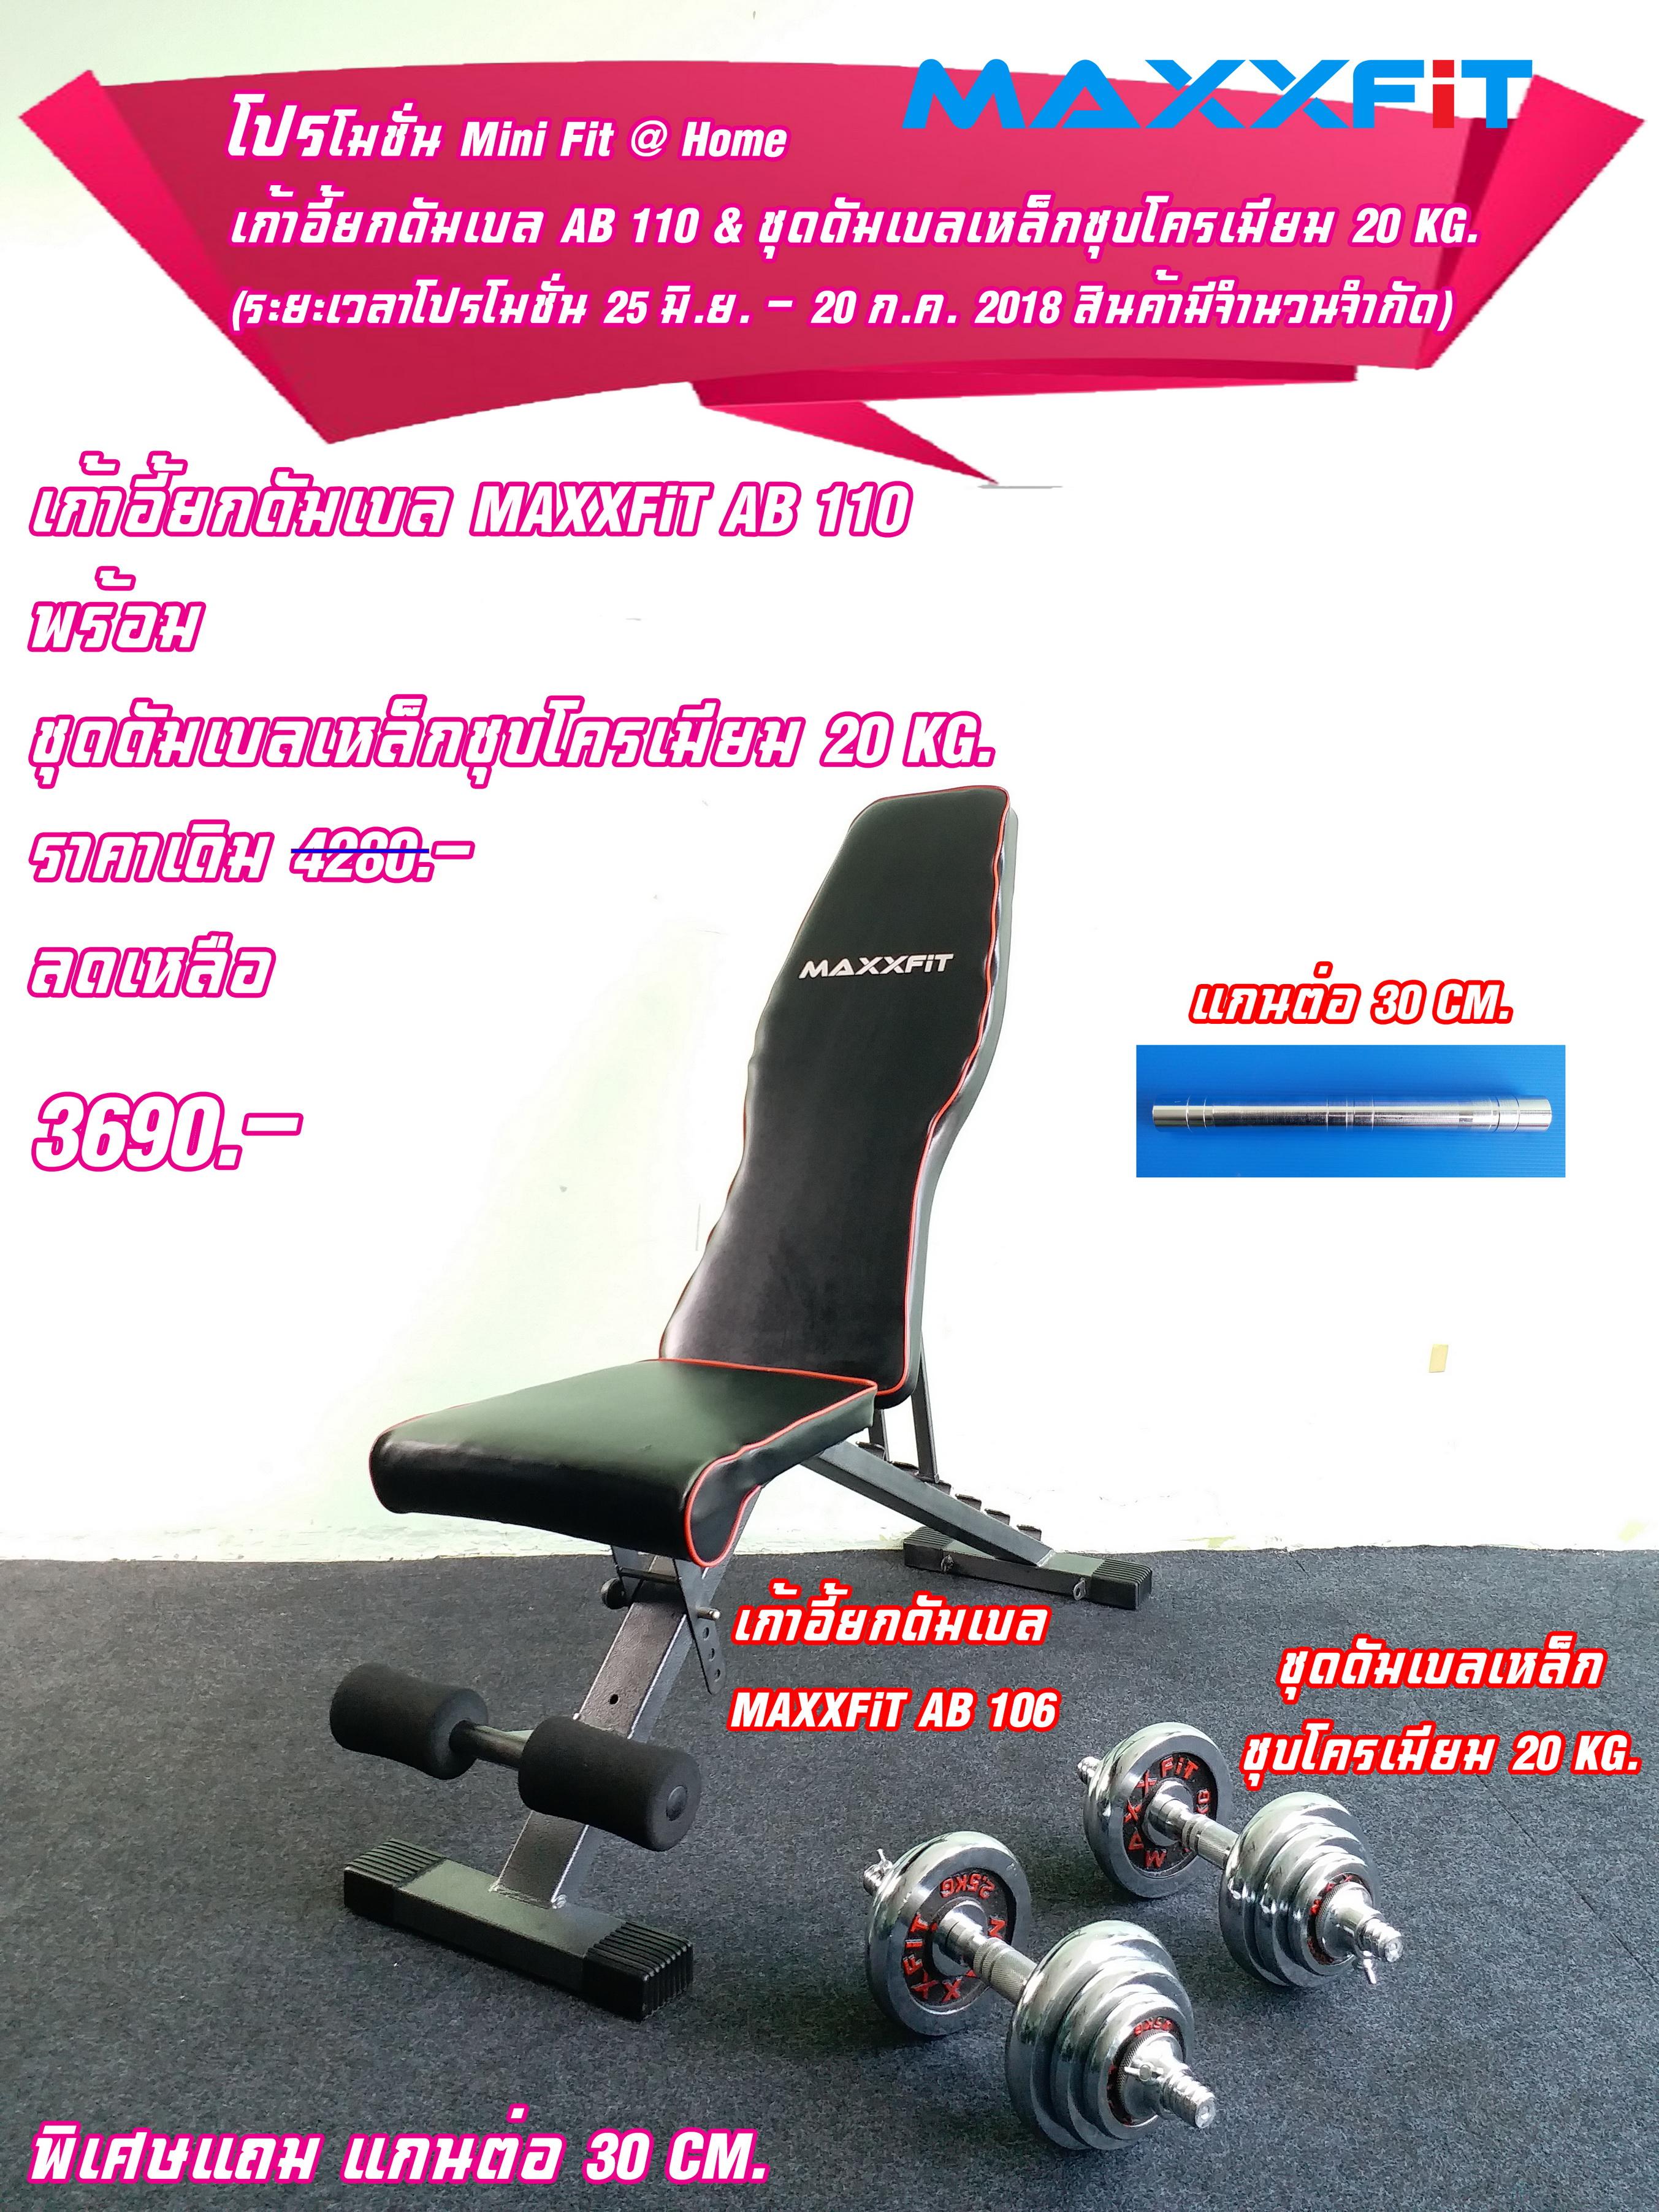 โปรโมชั่น Mini Fit @ Home เก้าอี้ยกดัมเบล AB 110 & ชุดดัมเบลเหล็กชุบโครเมียม 20 KG.